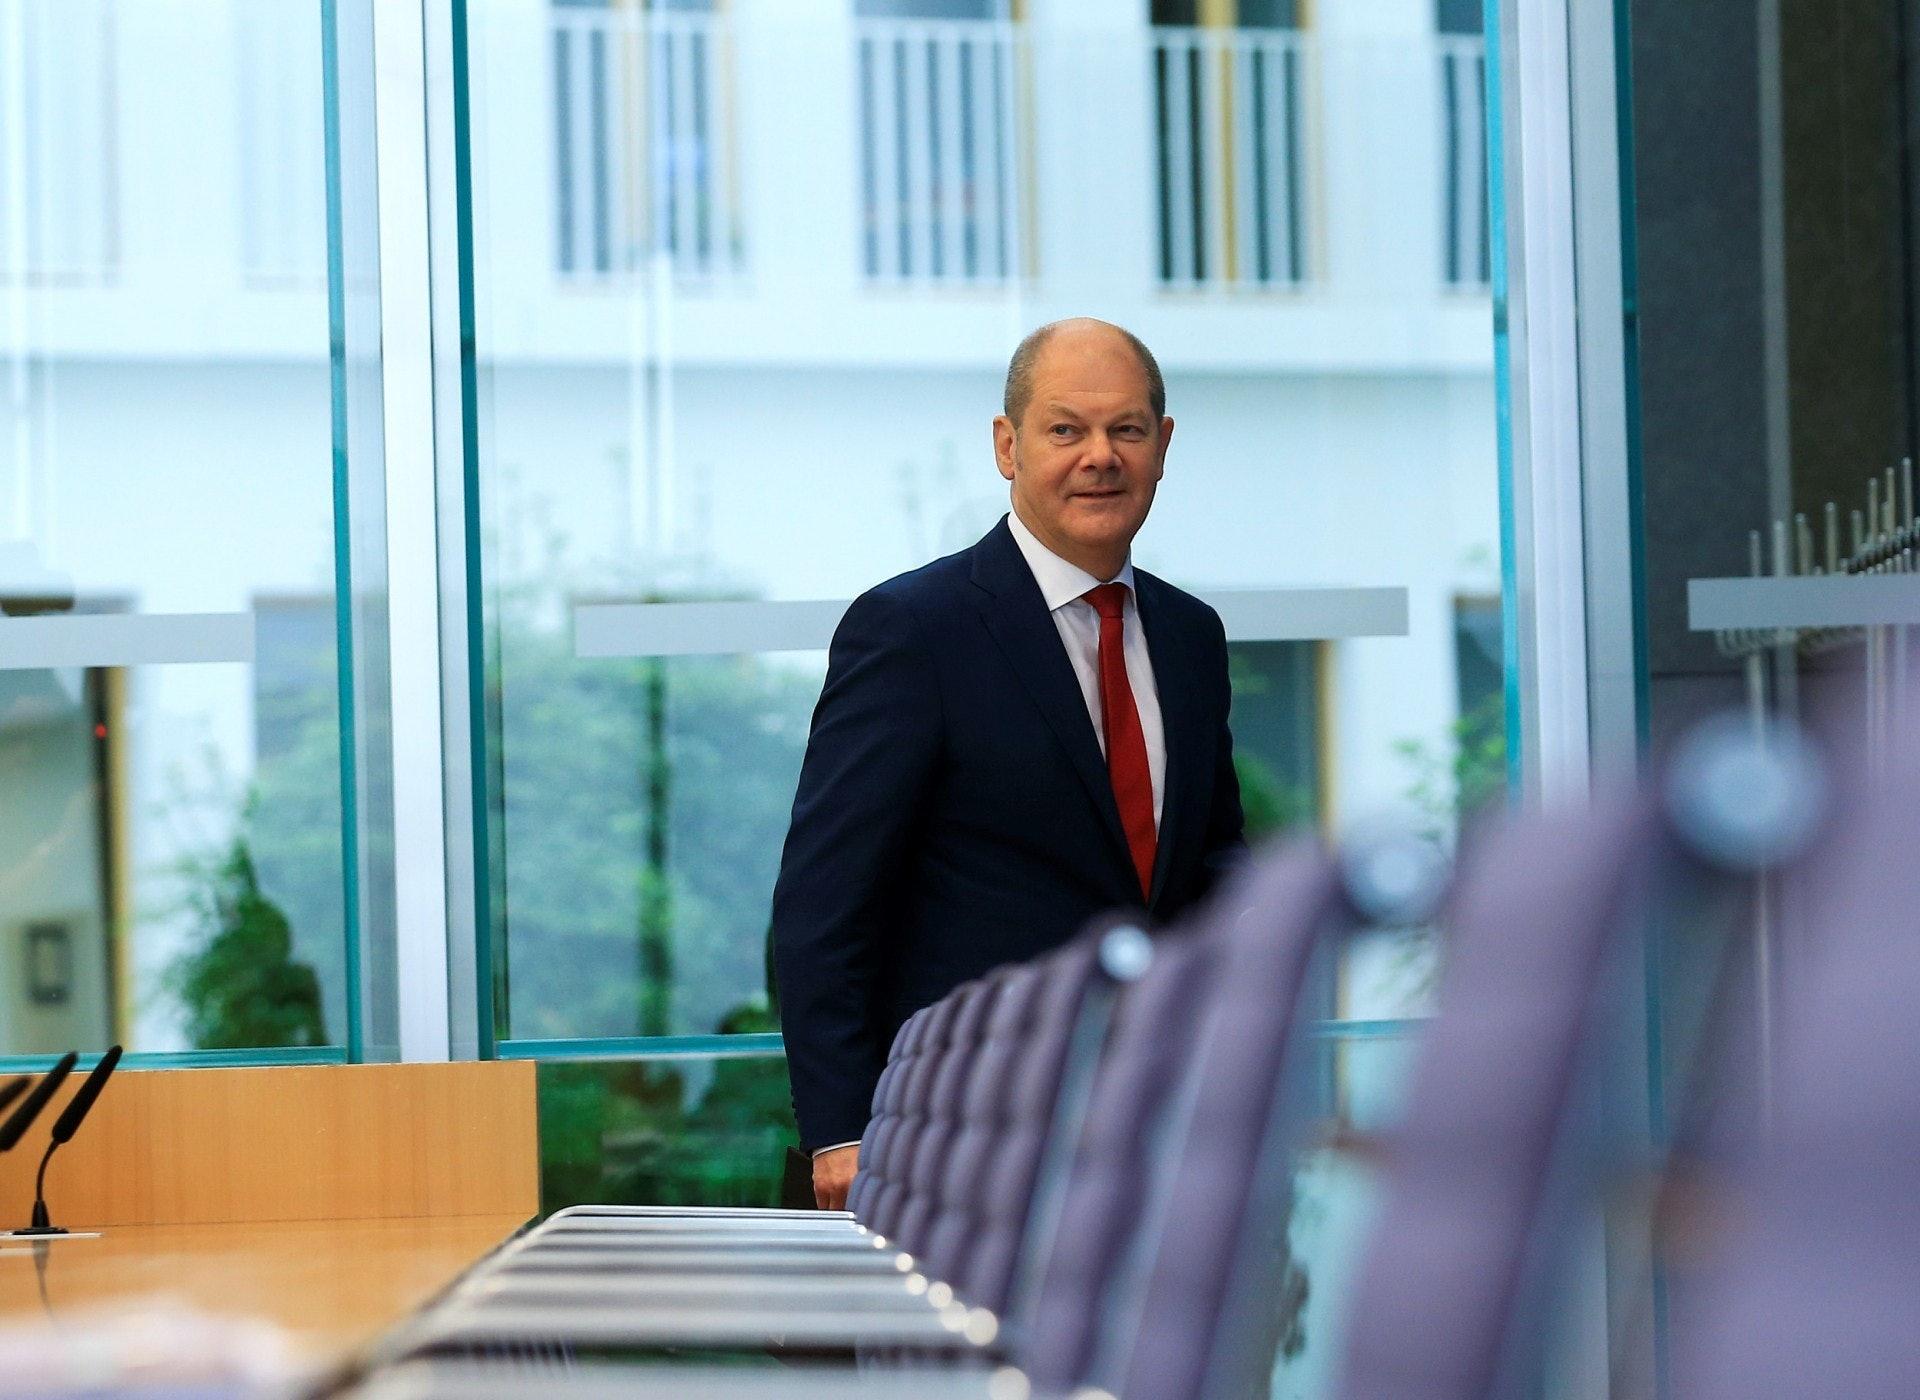 德國副總理兼財政部長肖爾茨(Olaf Scholz)28日在柏林演講中提出「法國應讓出聯合國常任理事國席位給歐洲」的倡議。(視覺中國)